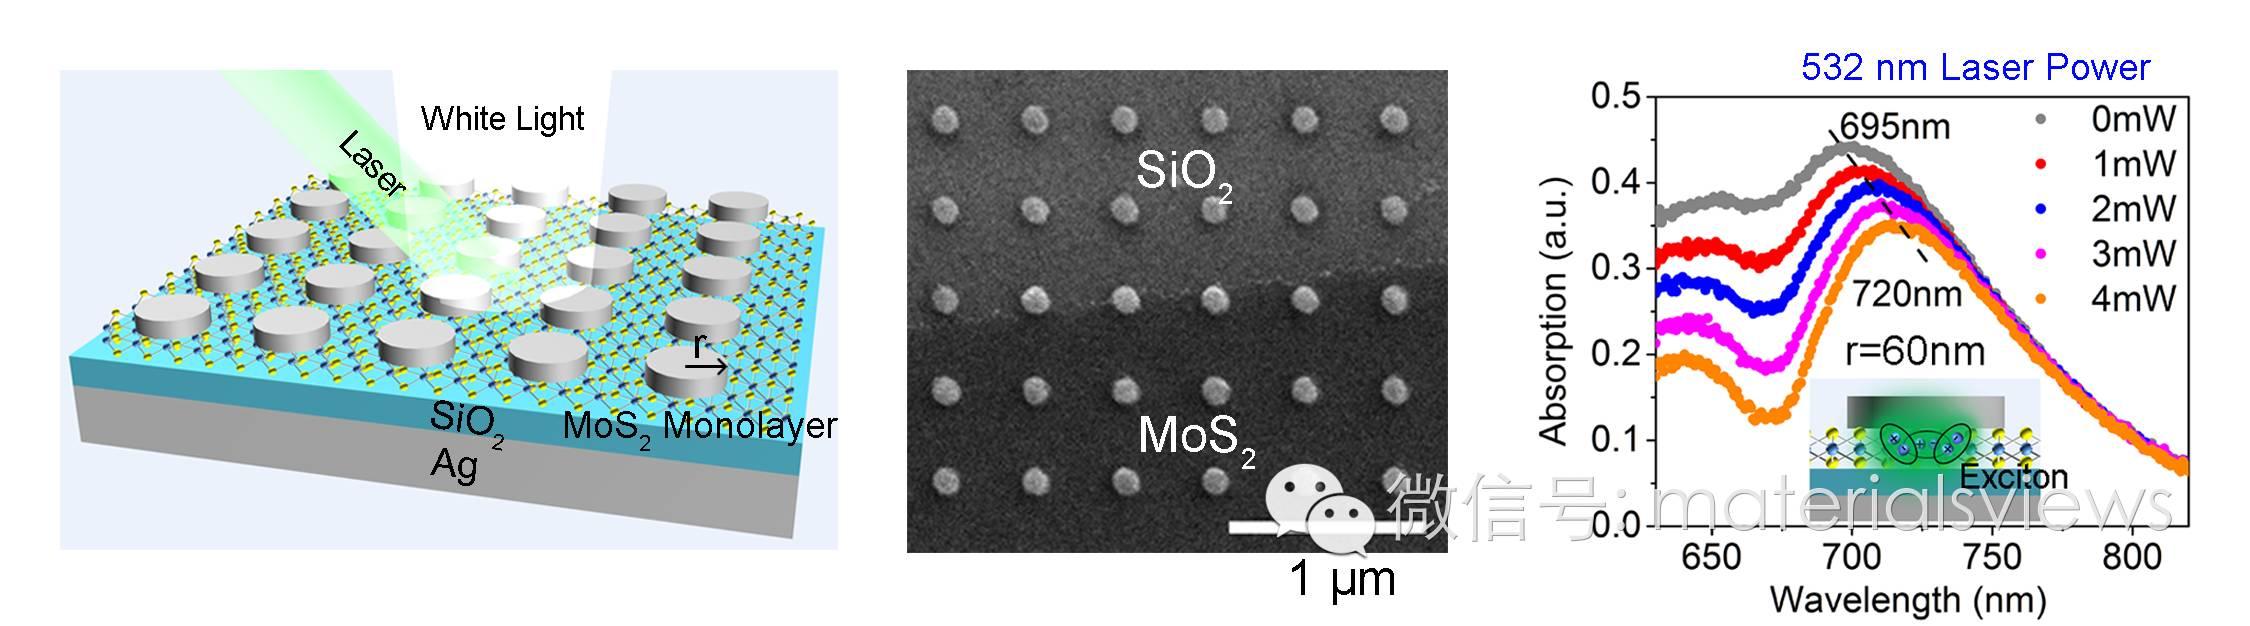 光控光子器件新思路——激光主动调控单层二硫化钼/银纳米天线复合结构中等离激元与激子的耦合